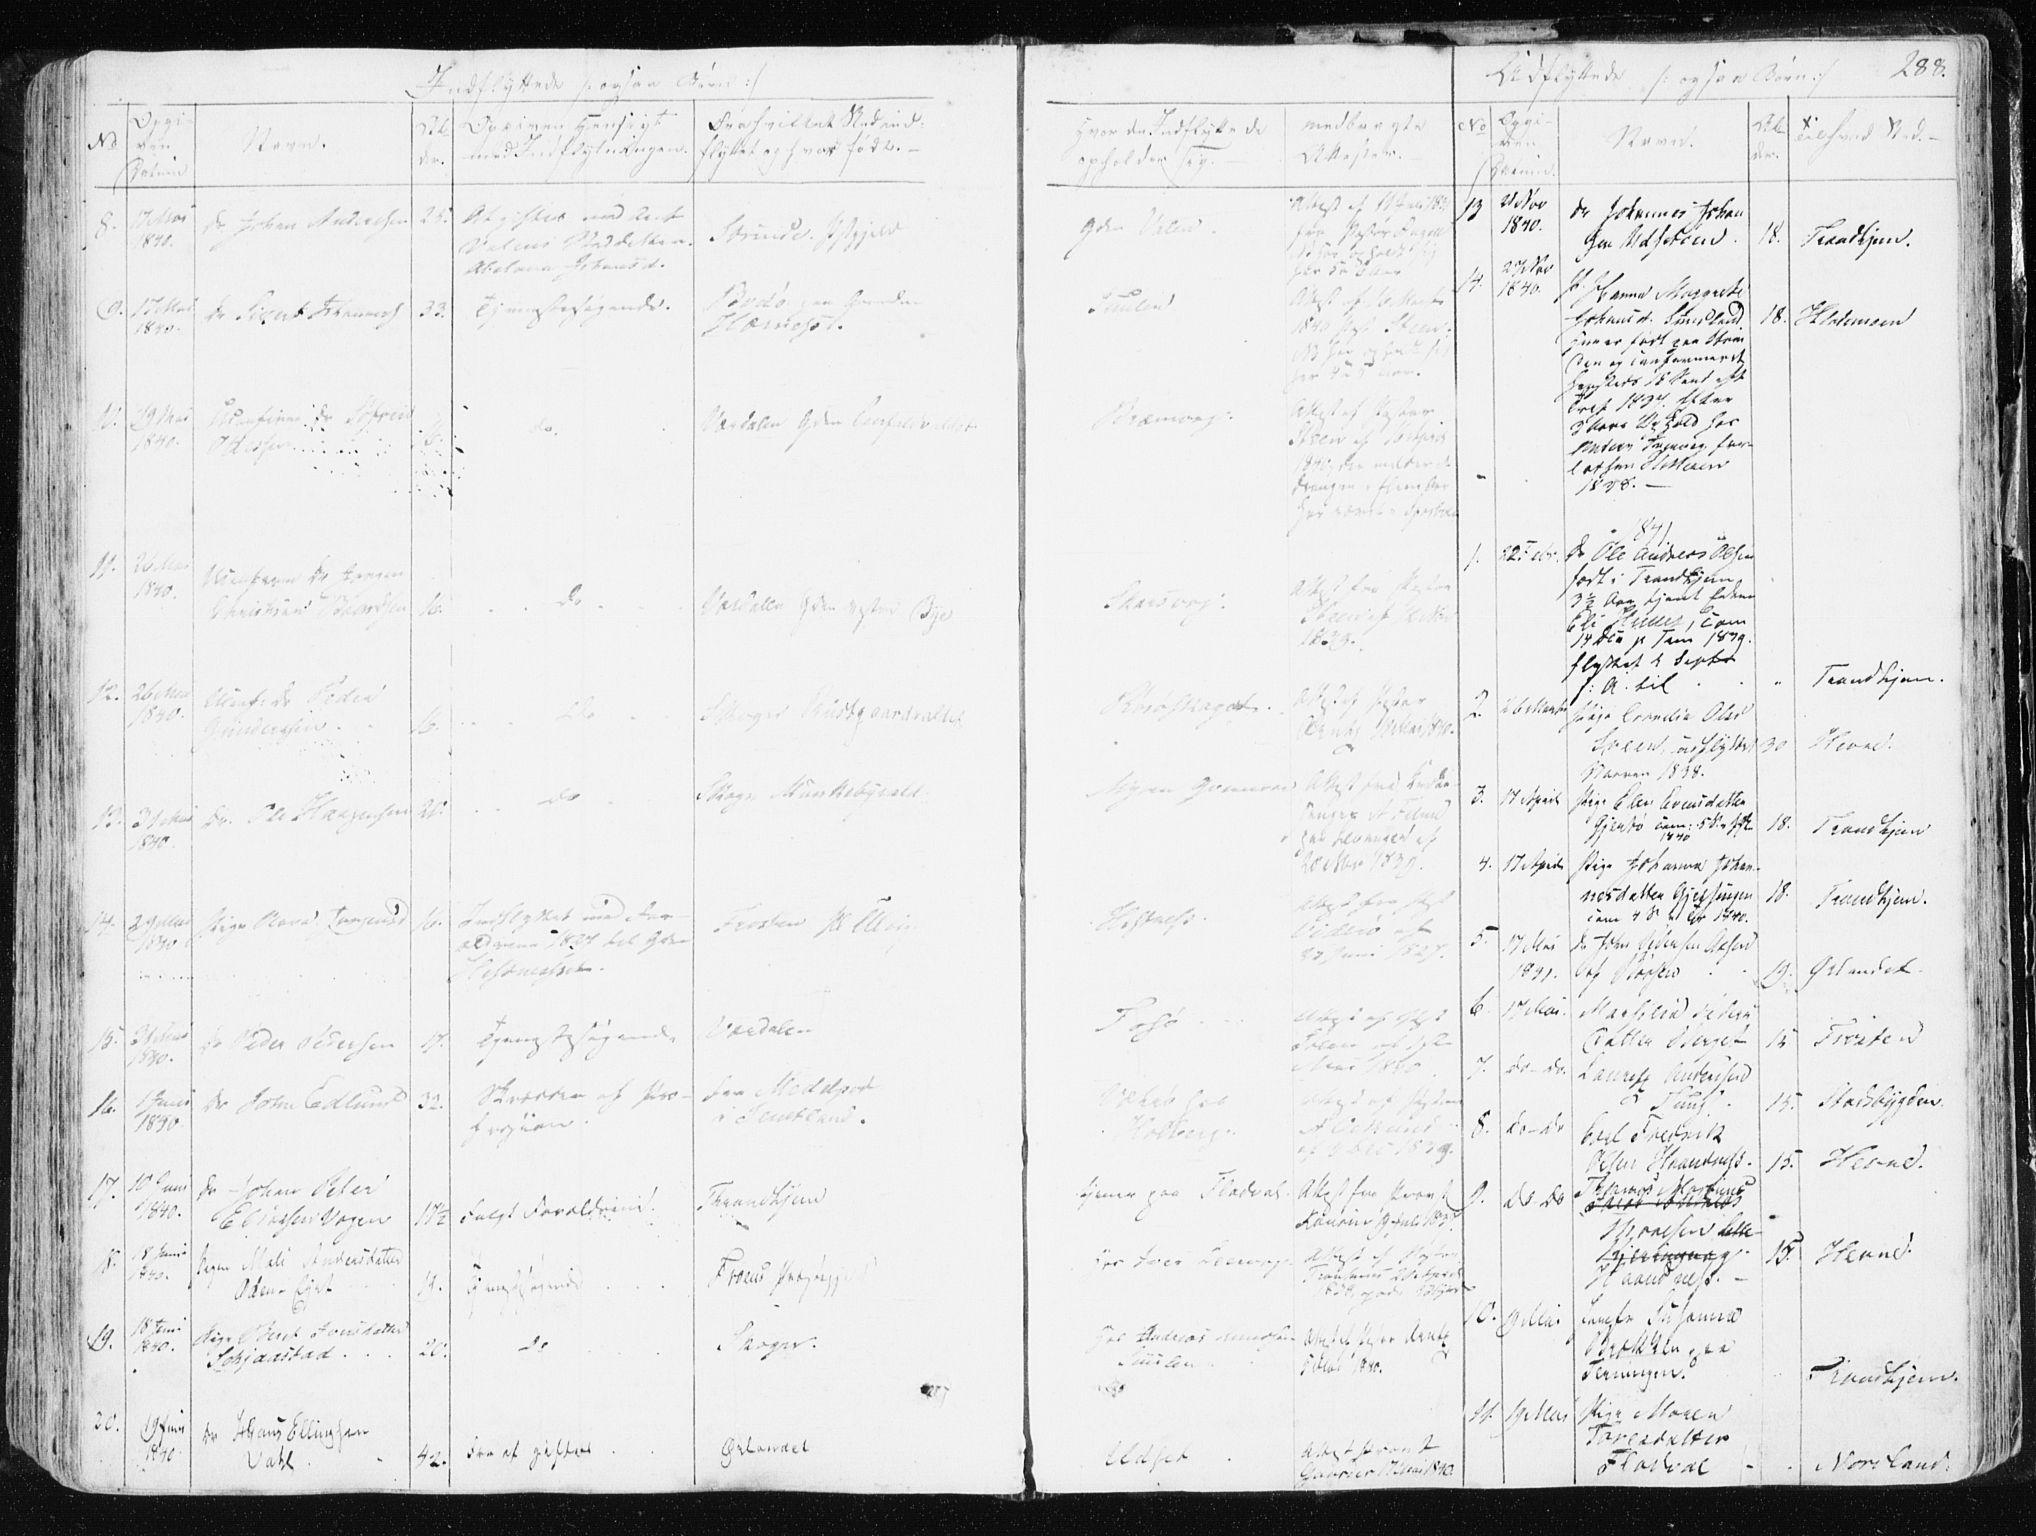 SAT, Ministerialprotokoller, klokkerbøker og fødselsregistre - Sør-Trøndelag, 634/L0528: Ministerialbok nr. 634A04, 1827-1842, s. 288